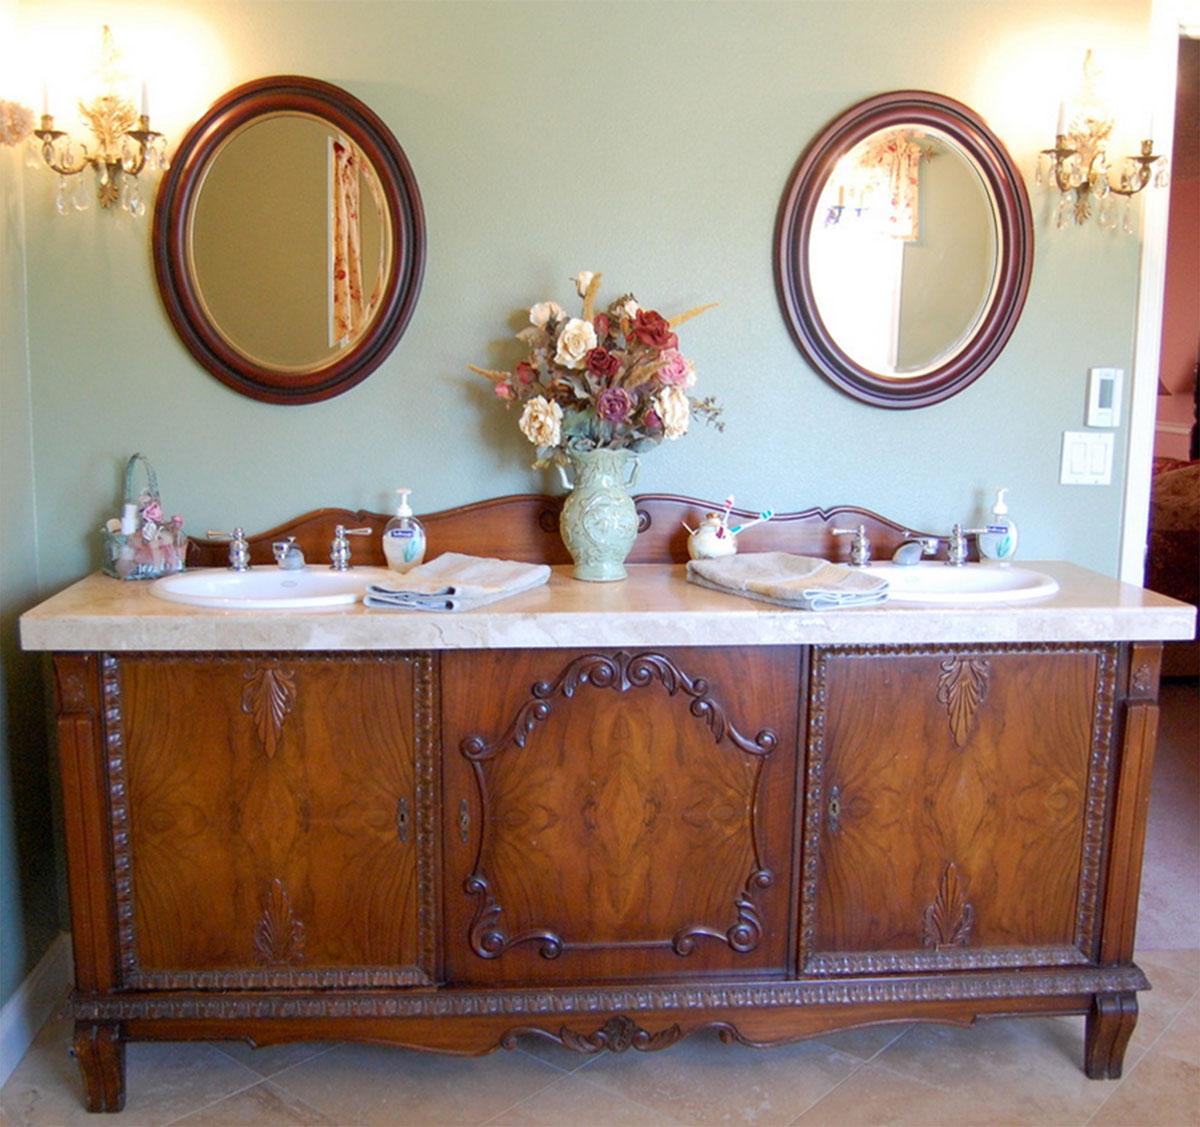 Antique style bathroom vanity